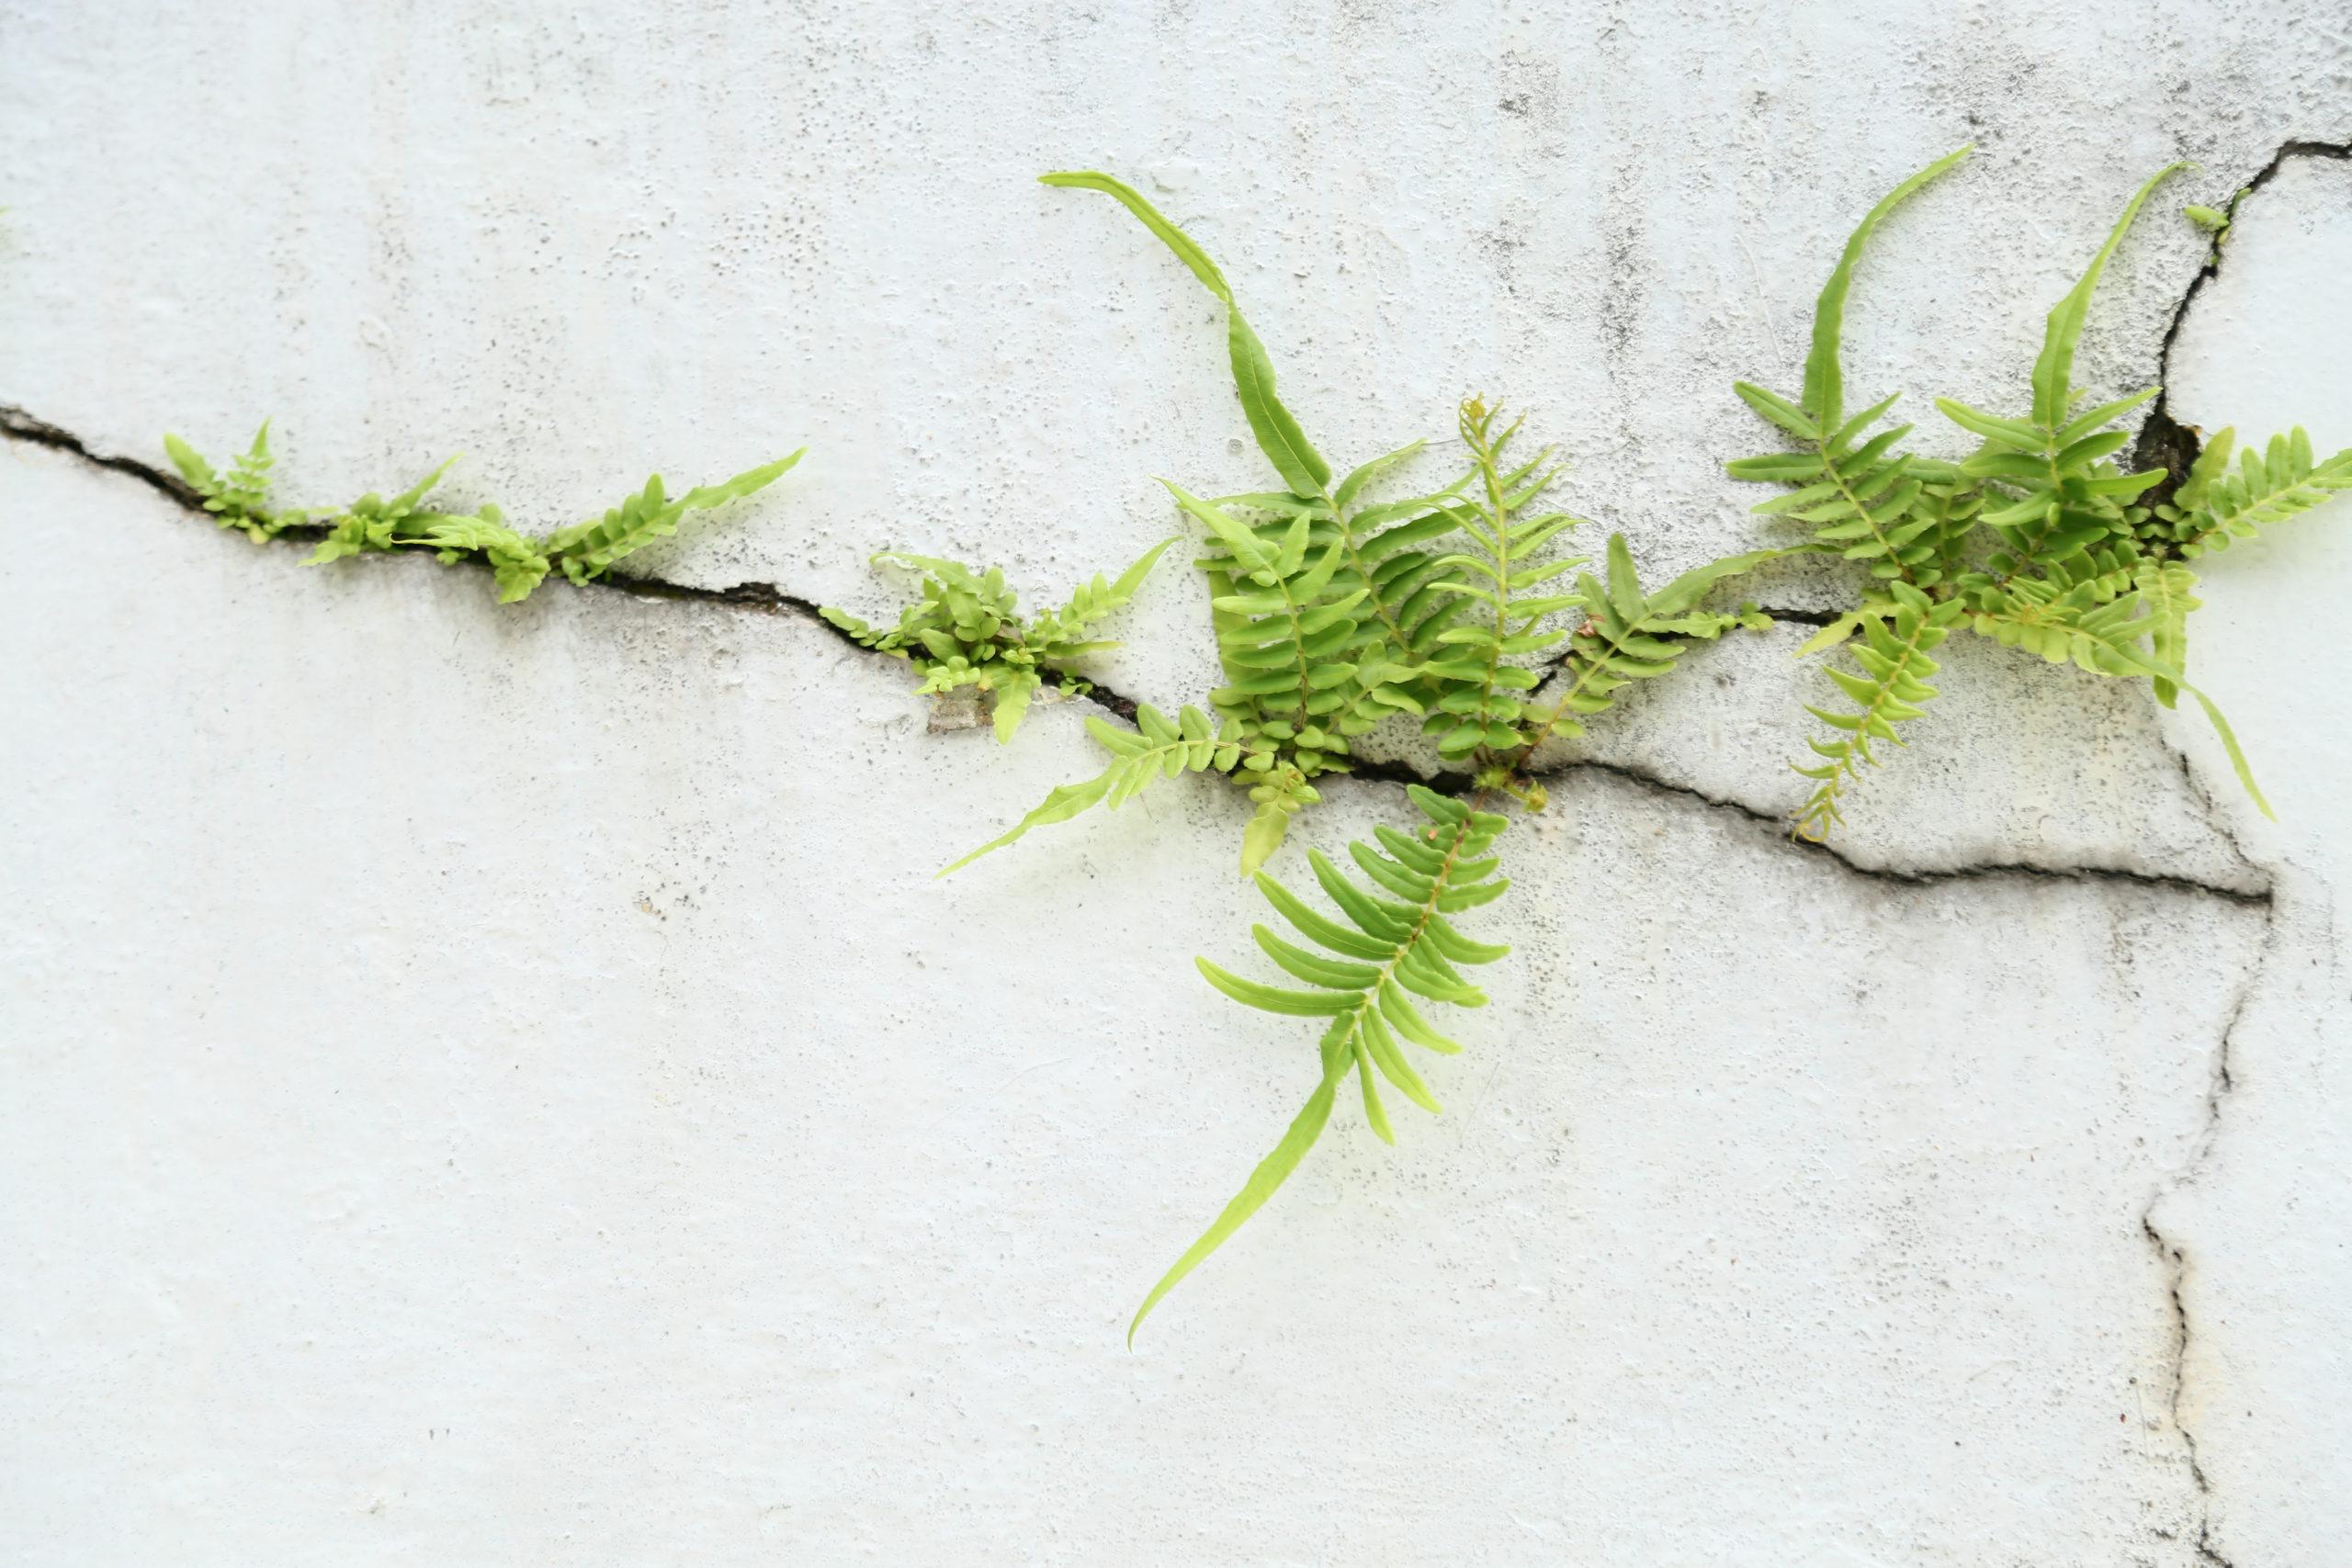 Farn steigert sein Wachstum an einer Wand